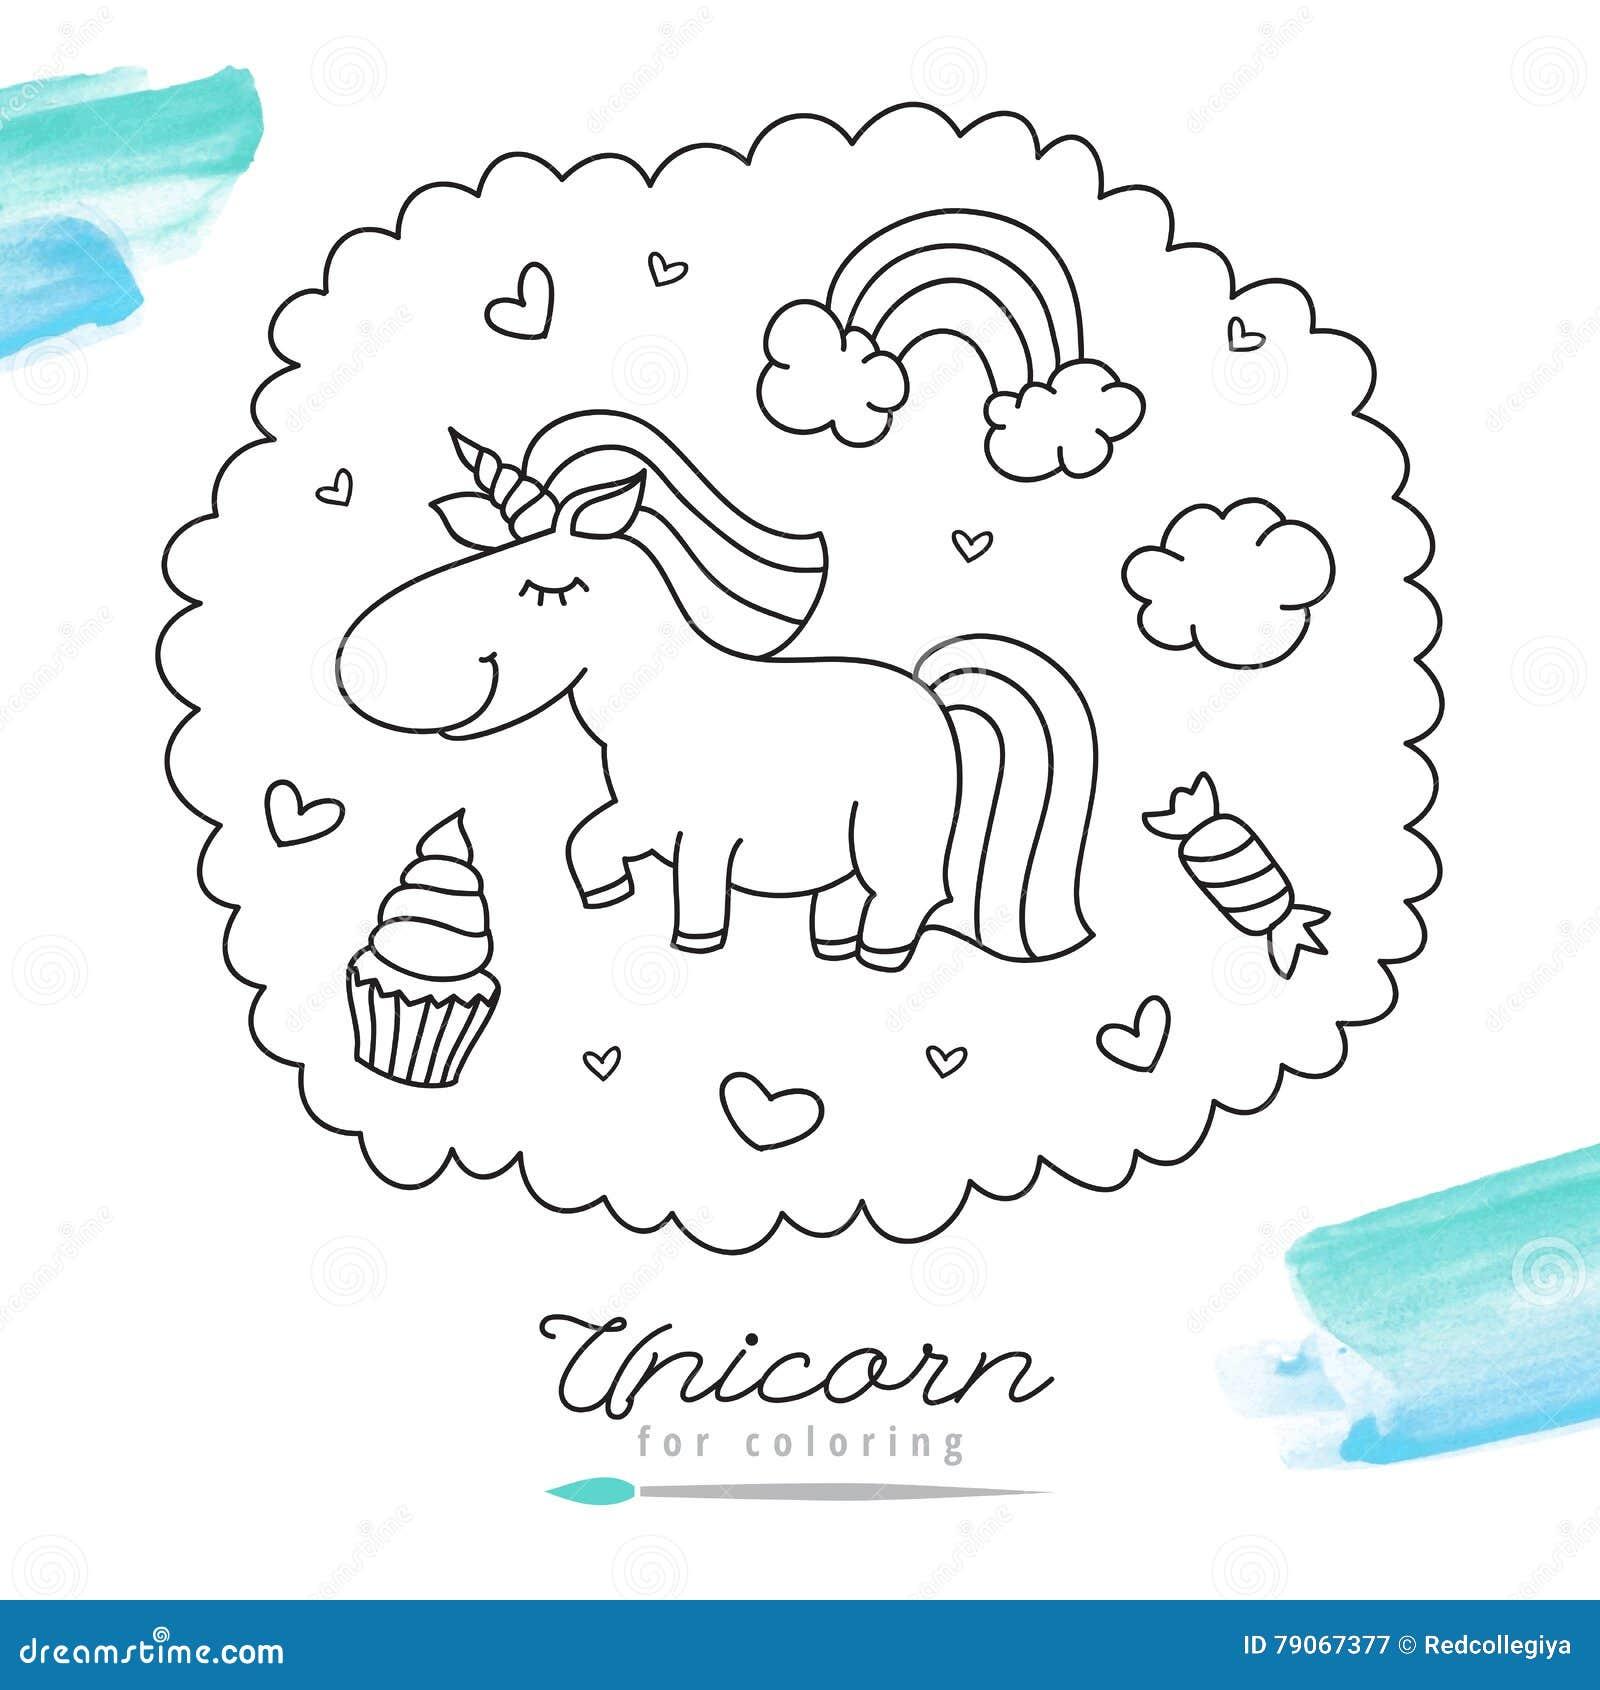 Unicornio para colorear ilustración del vector. Ilustración de ...